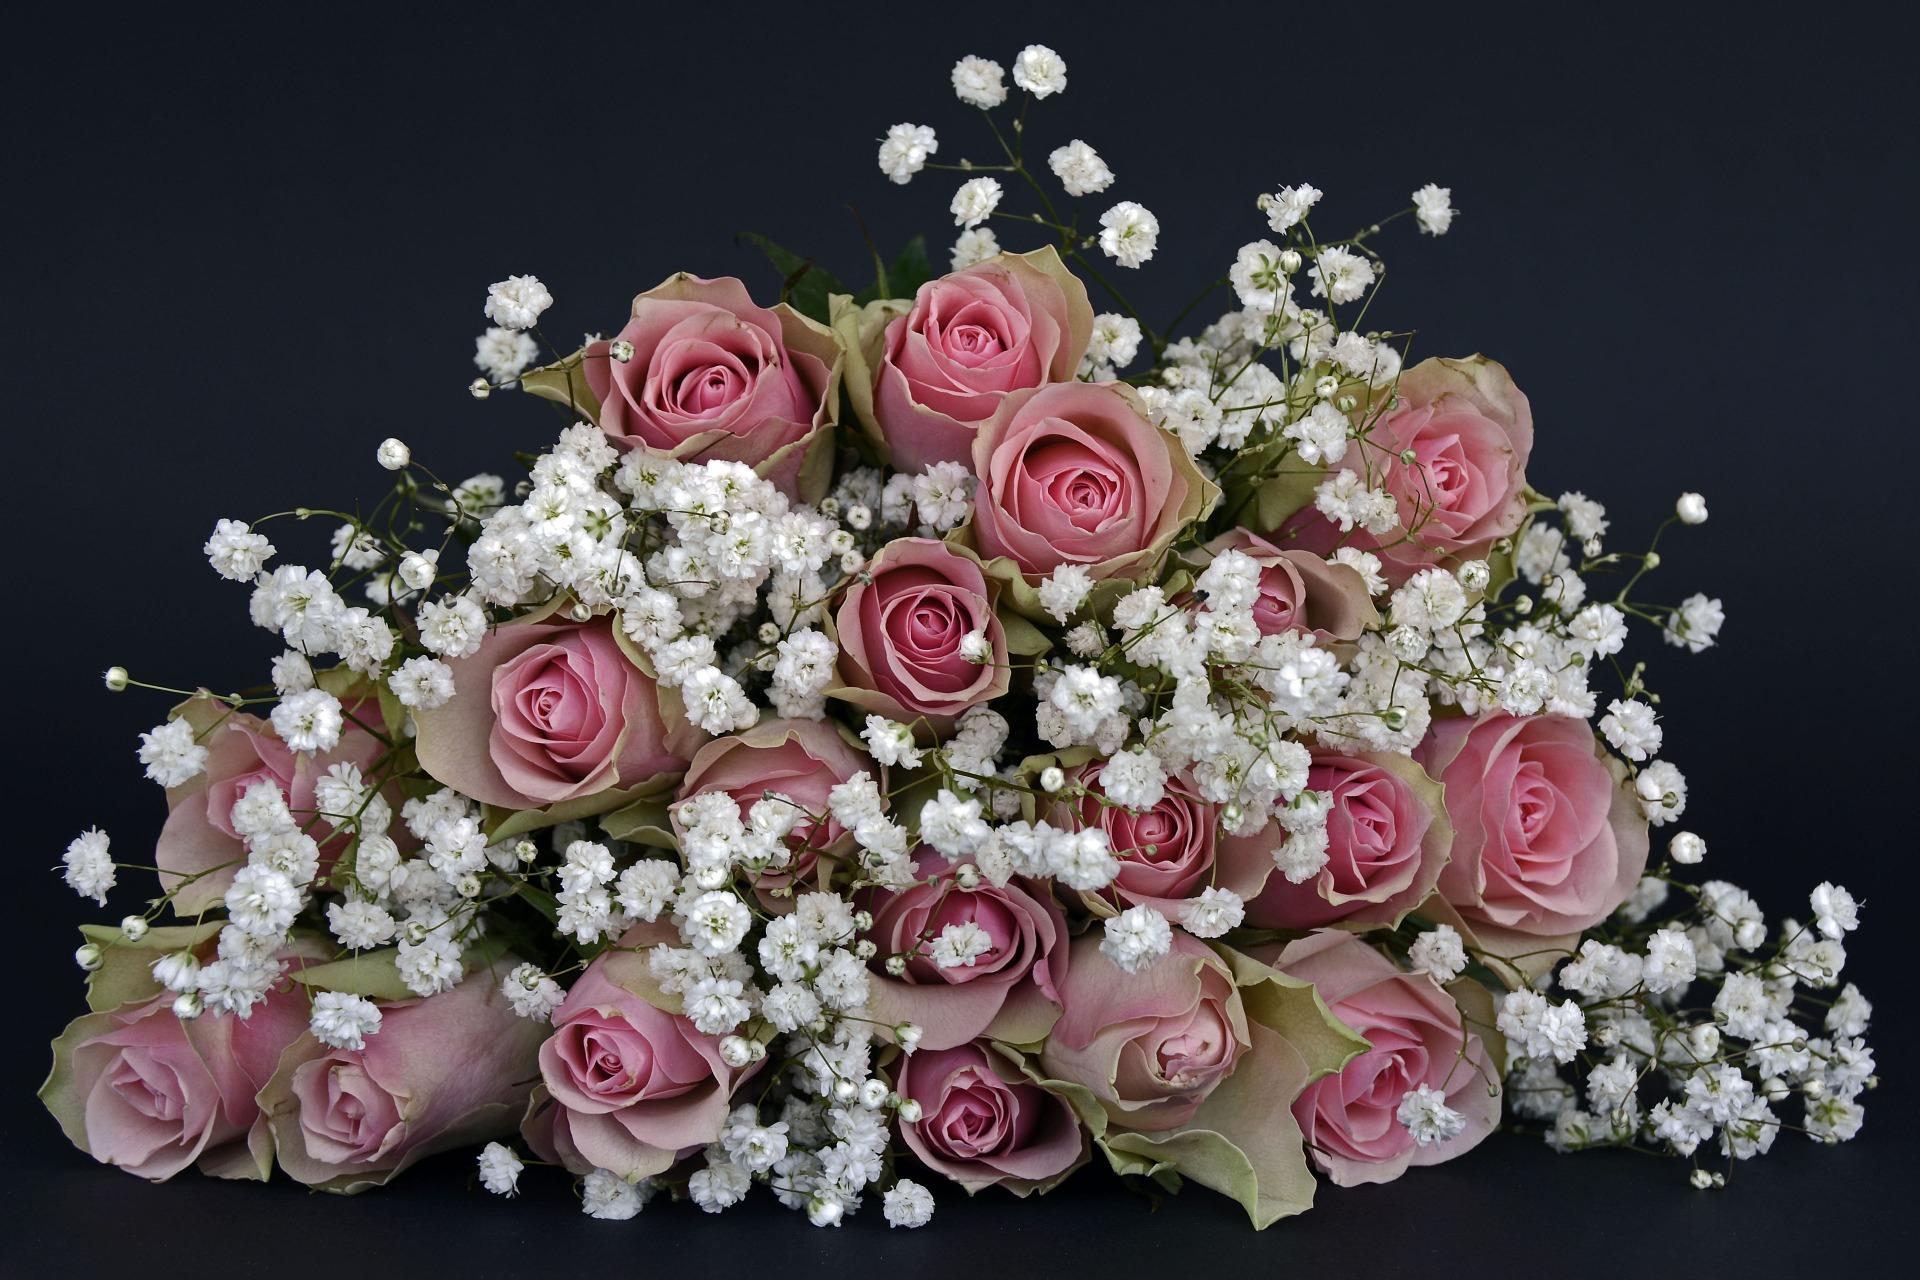 Comment composer un beau bouquet ? 4